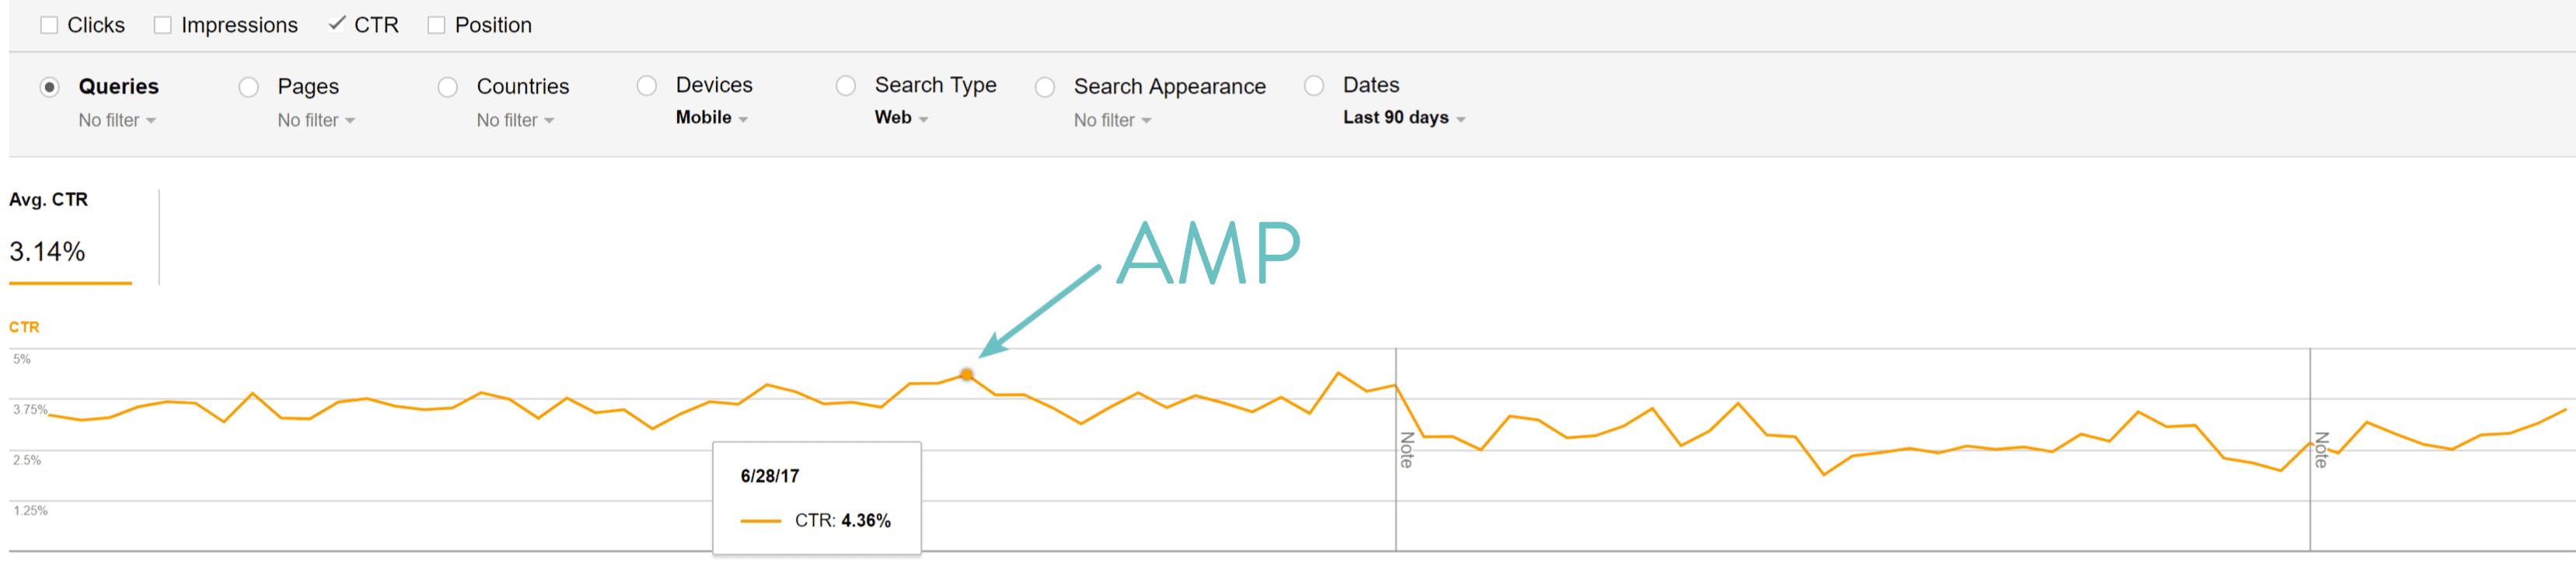 Google AMPのCTR